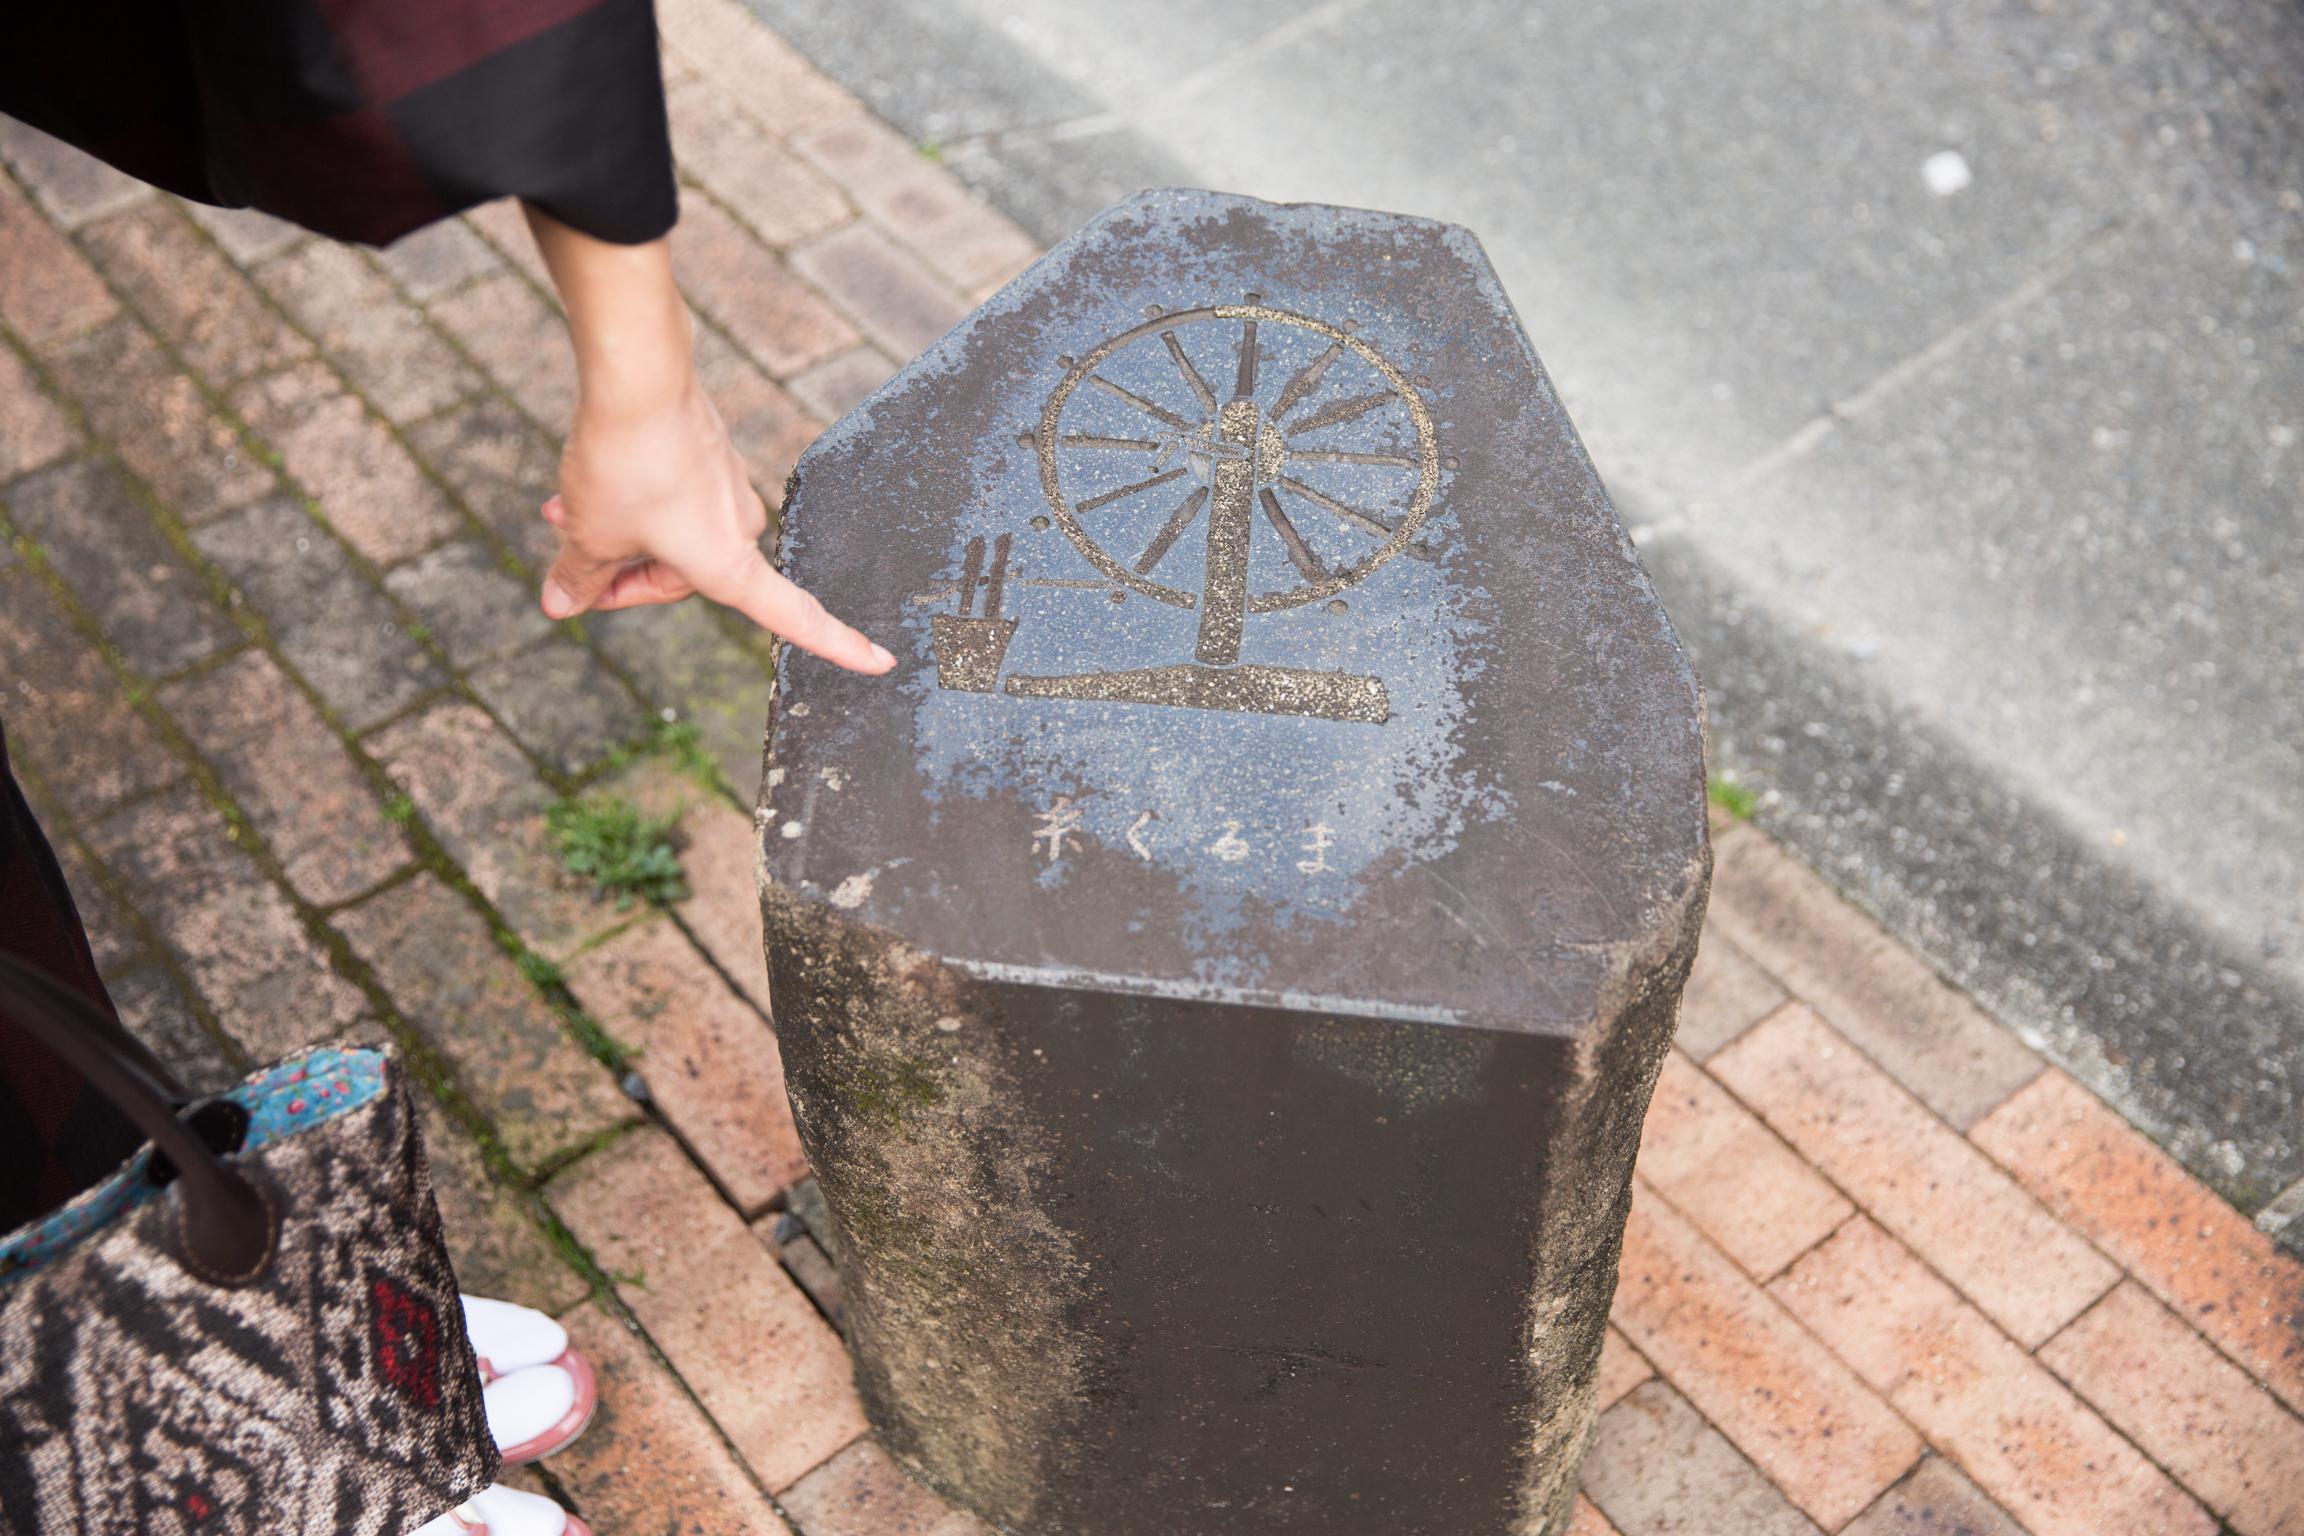 奄美名瀬市街地にある大島紬にまつわる石碑